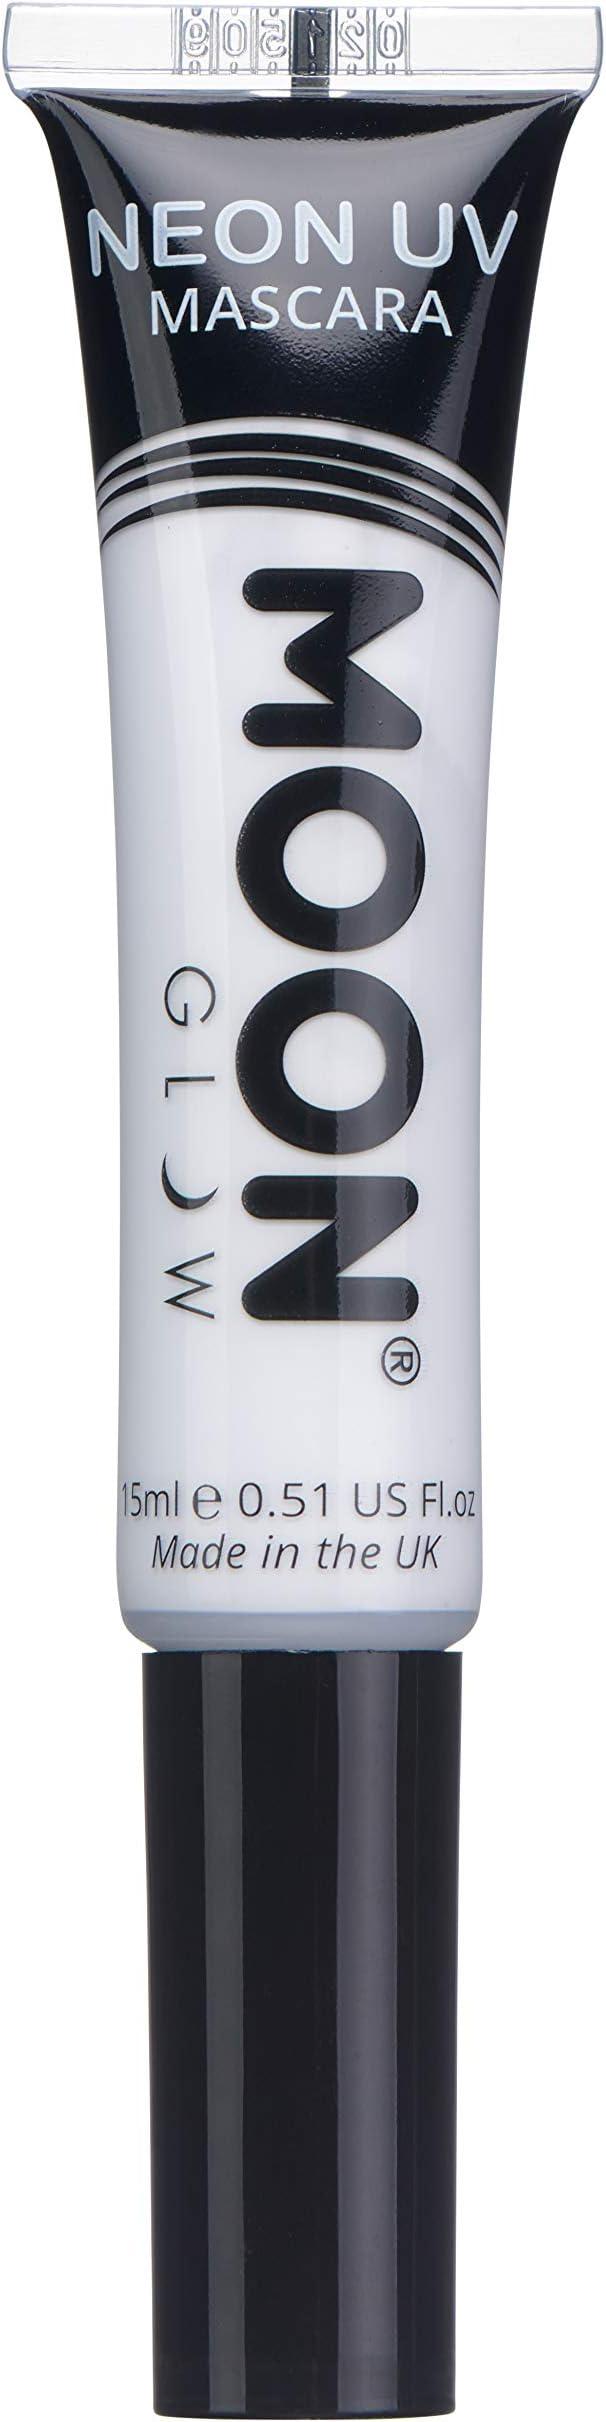 Moon Glow - Máscara de pestañas UV de neón 15ml Blanca - produce ...